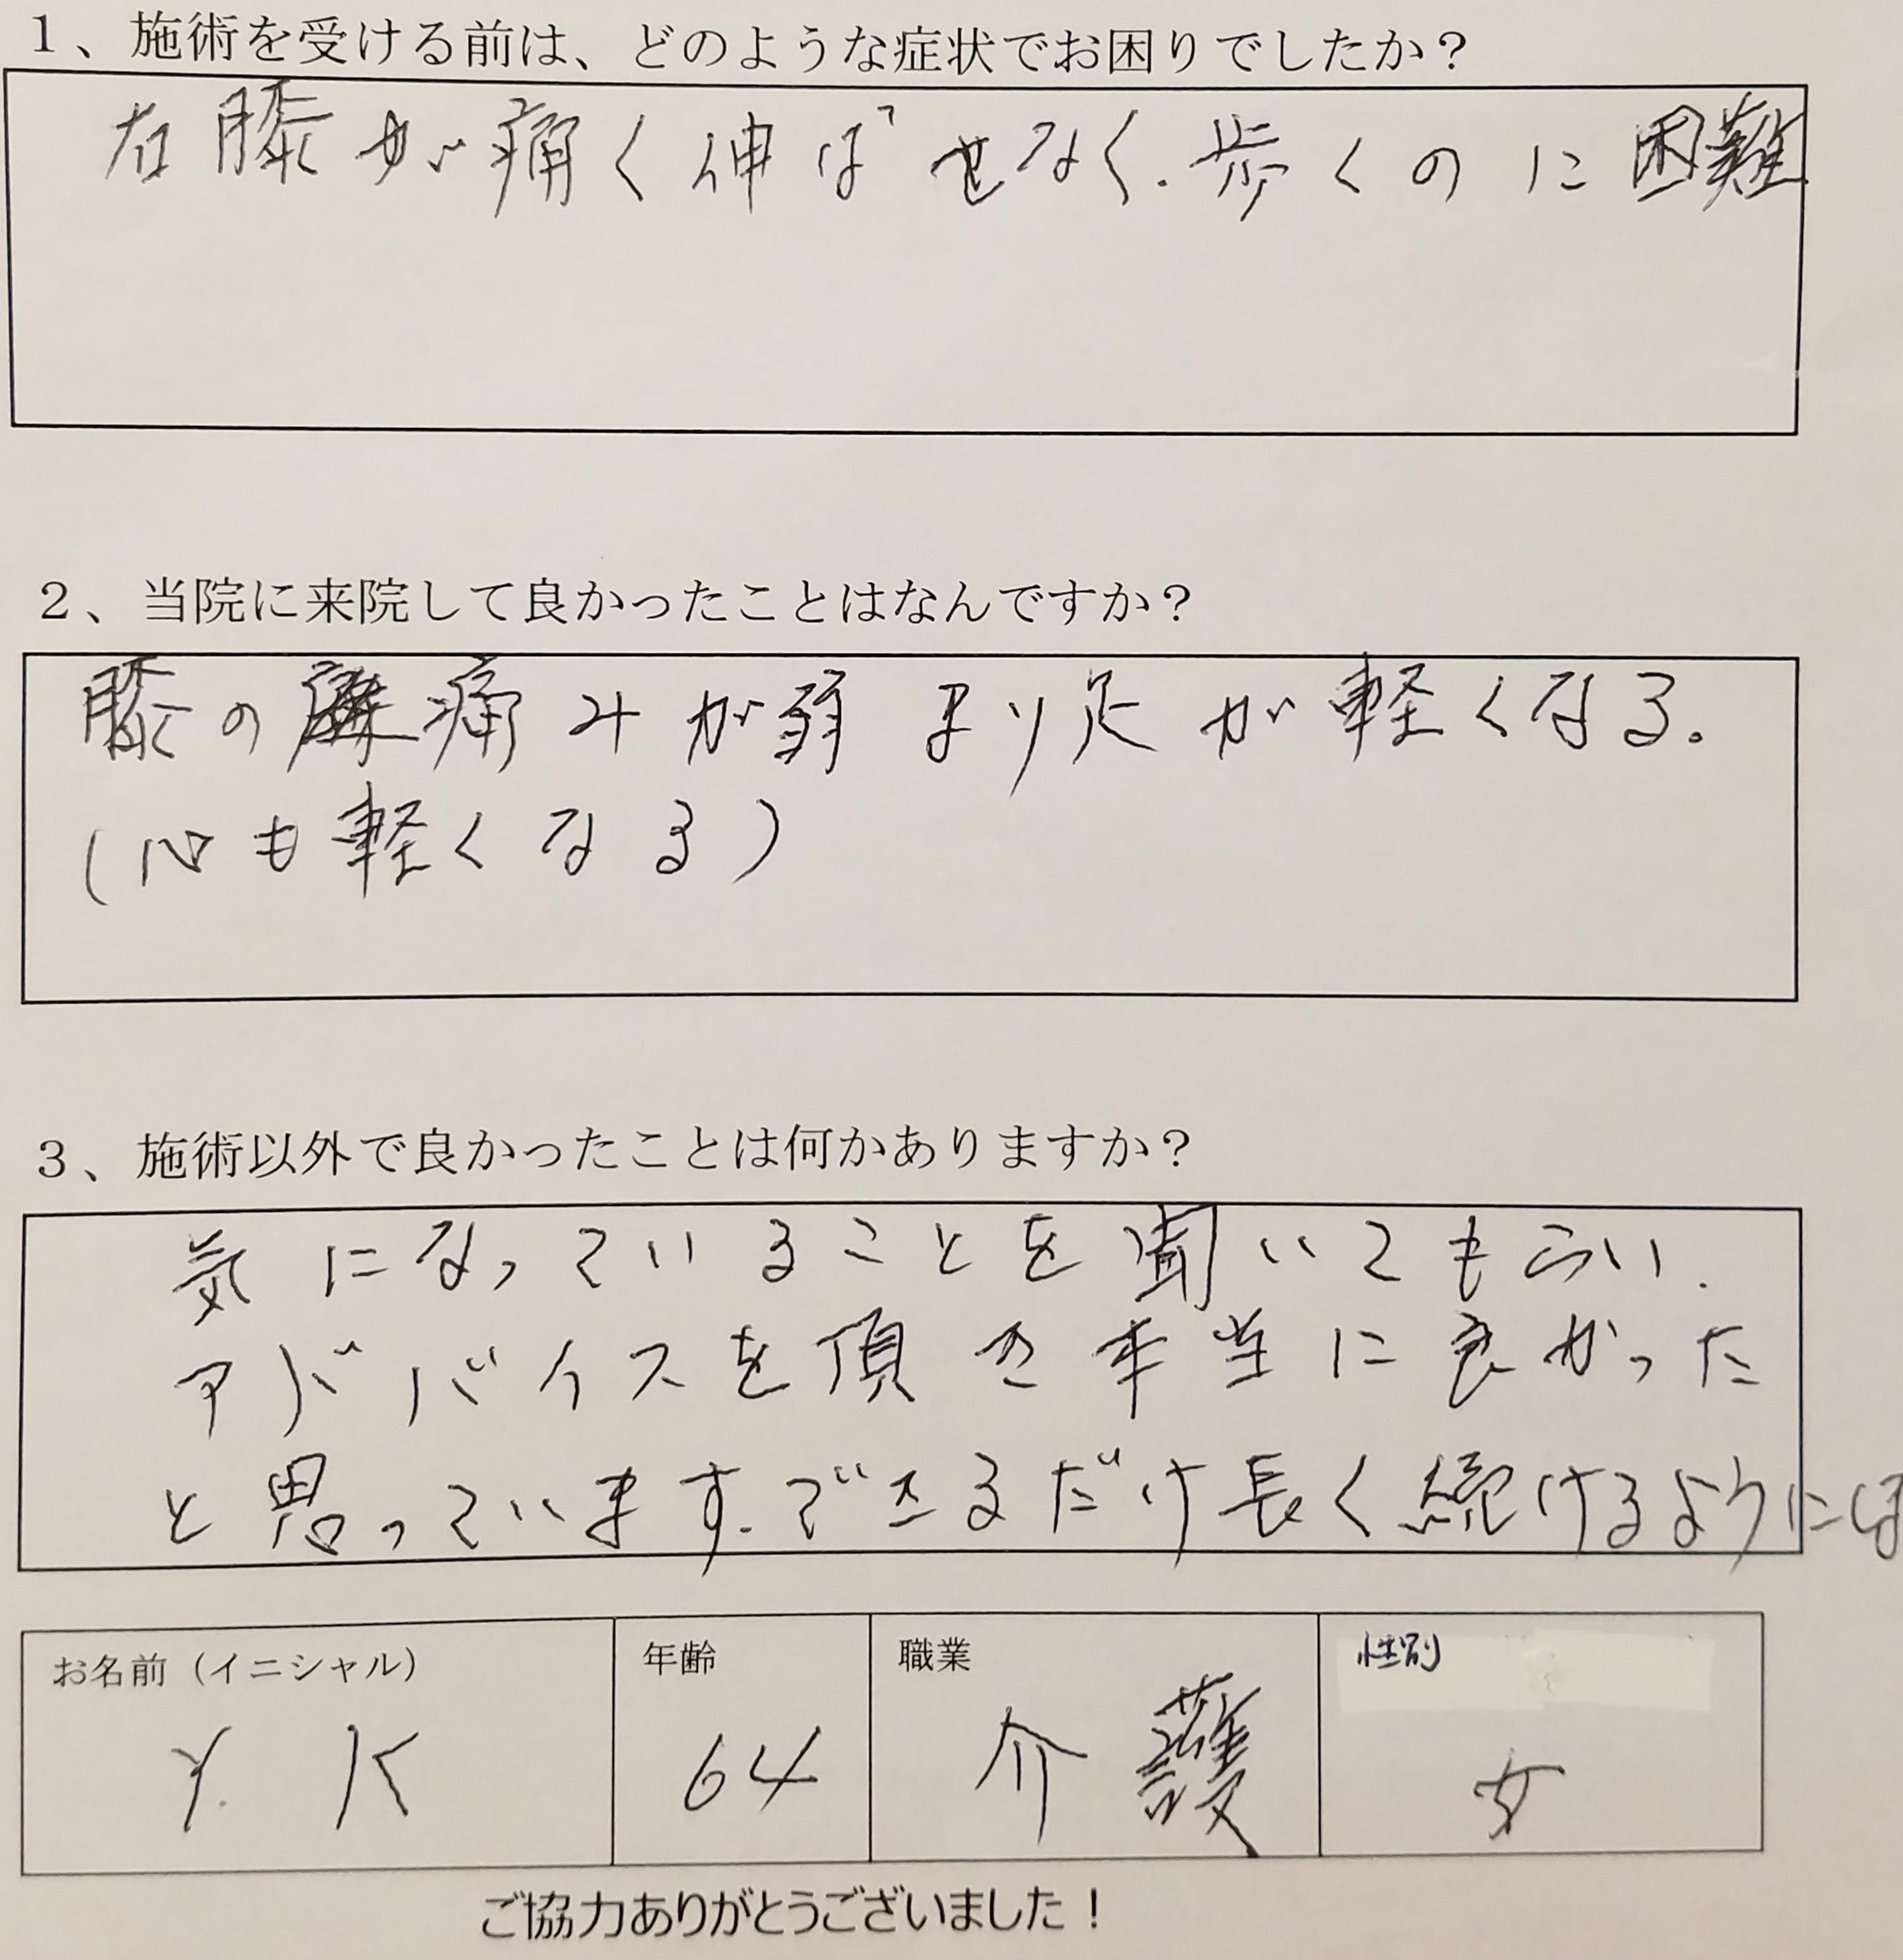 http://e-shisei.jp/images/20181213%E5%A3%B0%E3%80%80%E7%AC%A0%E6%9C%A8%E7%BE%8E%E5%AD%90.jpg